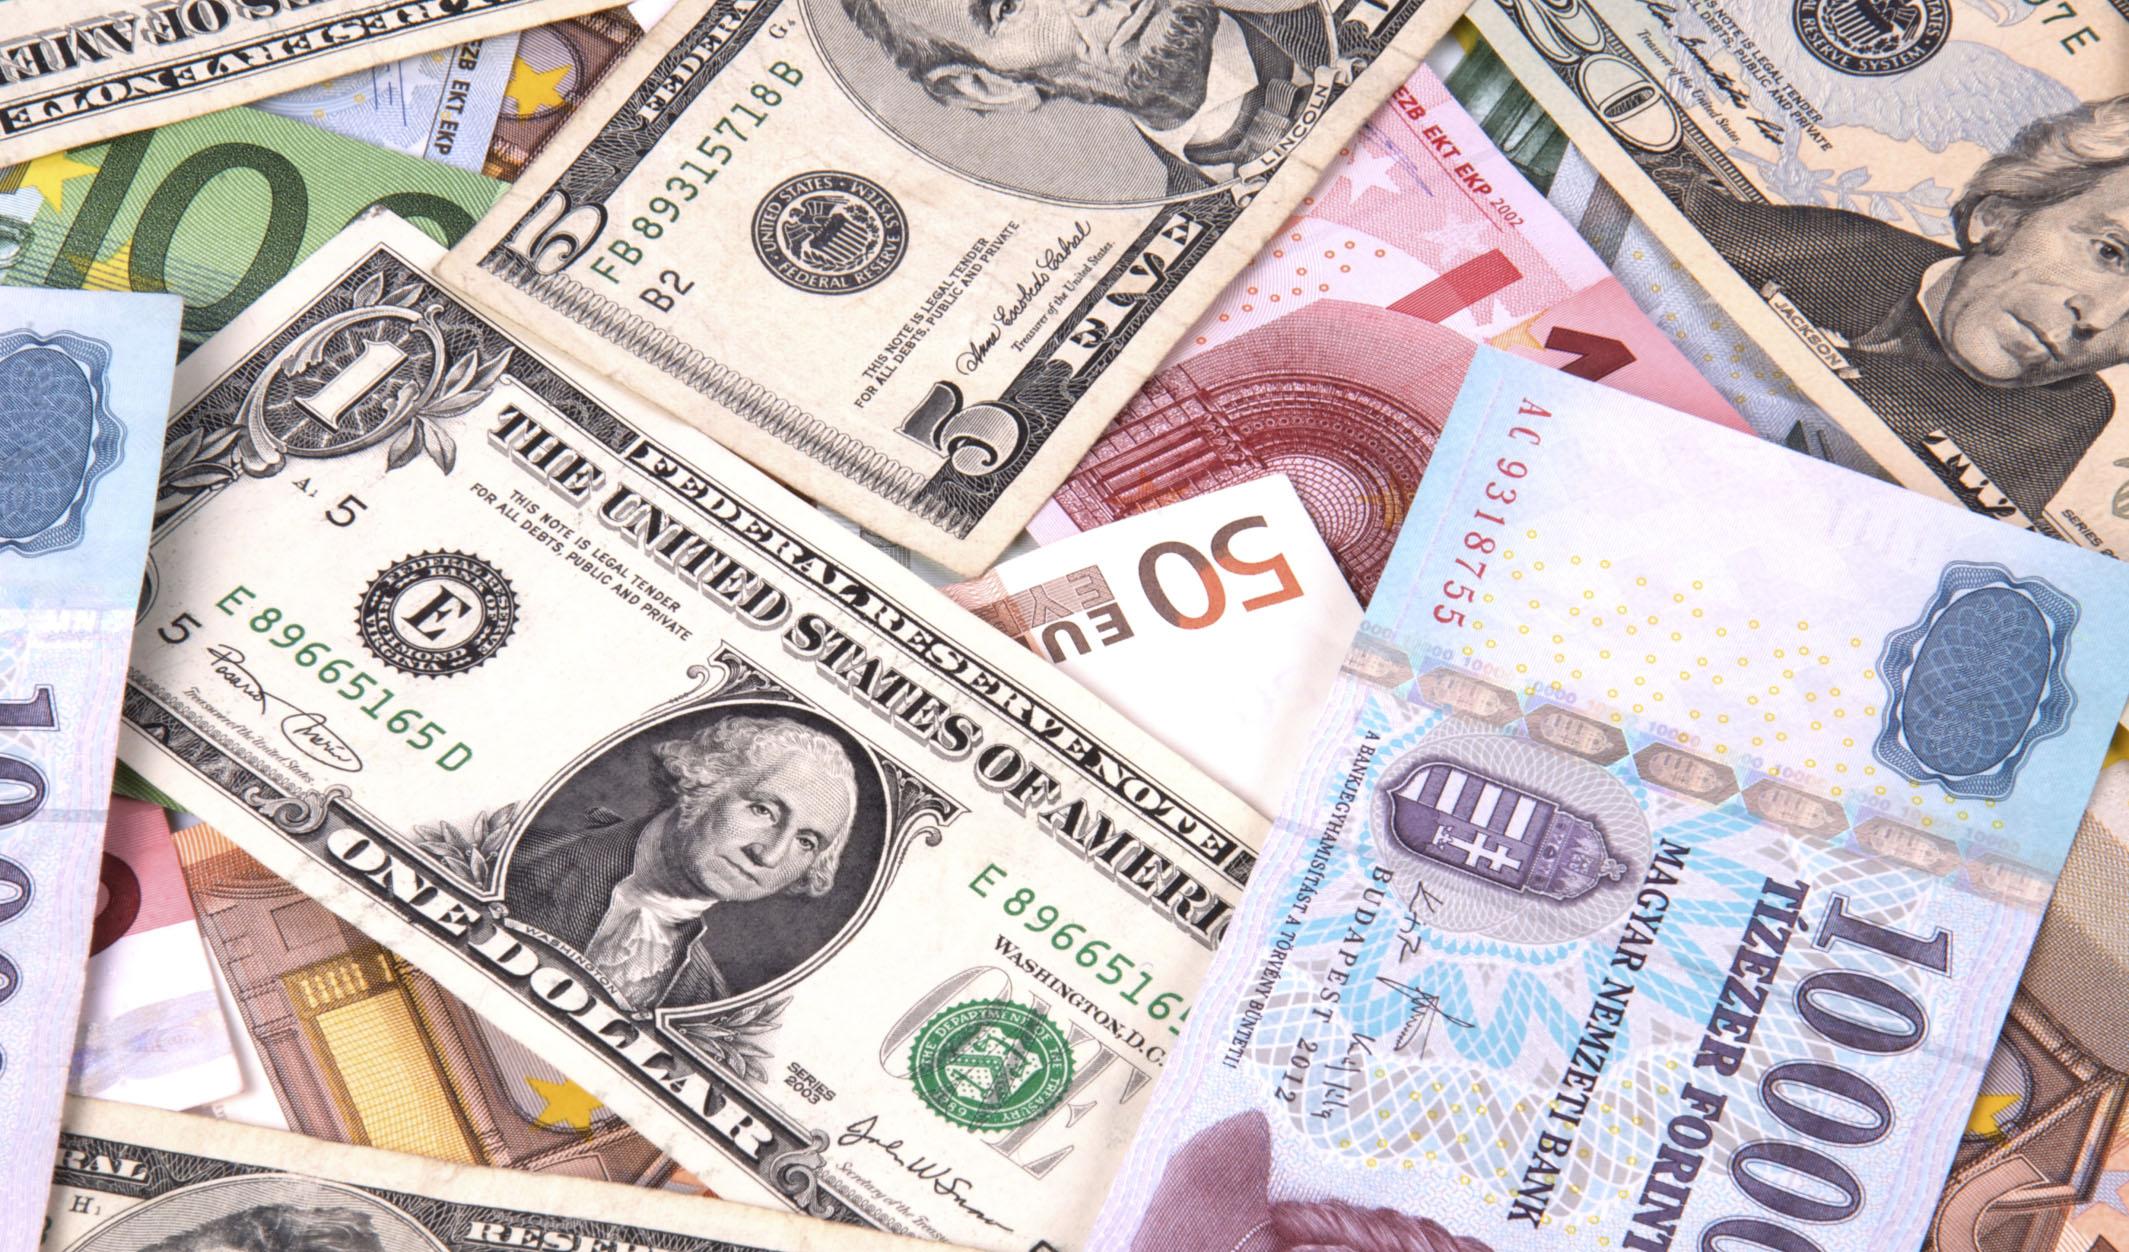 میانگین نرخ دلار در بازار متشکل ارزی به ۲۶ هزار و ۳۴۶ تومان رسید